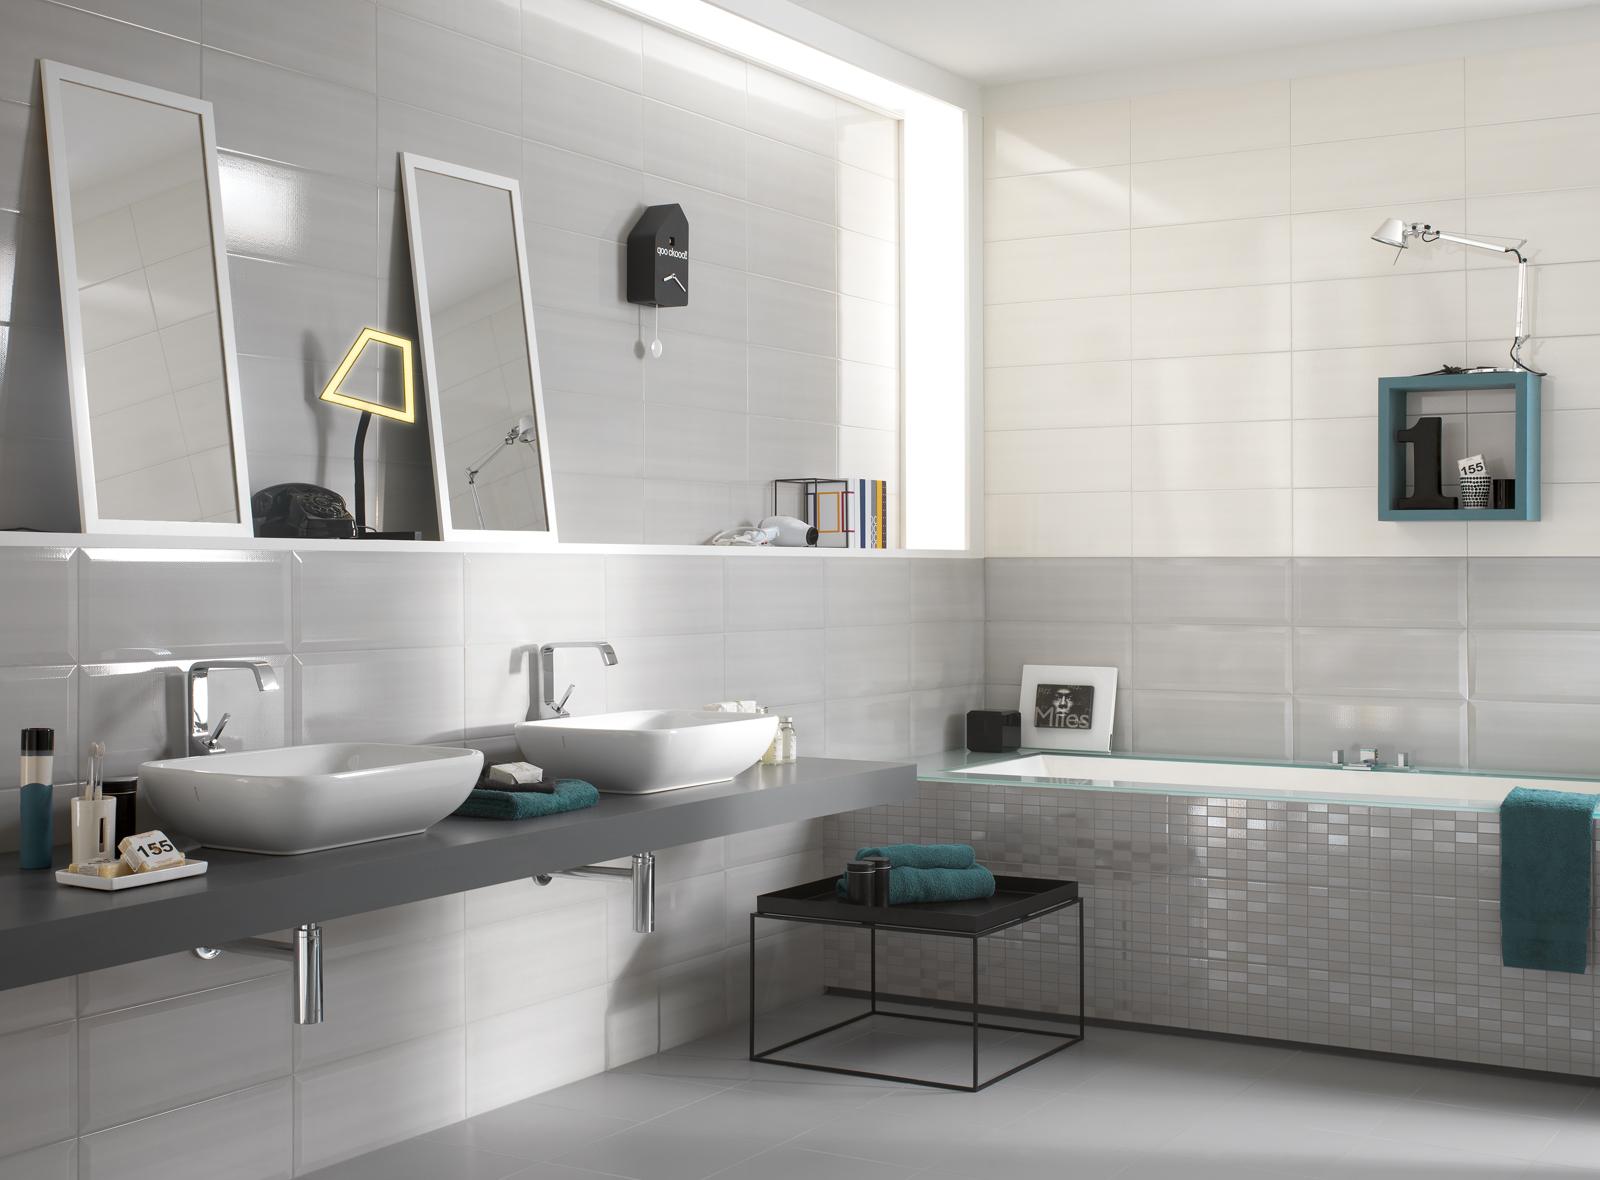 Nuance ceramiche per rivestimento bagno marazzi - Bagni rivestimenti piastrelle ...